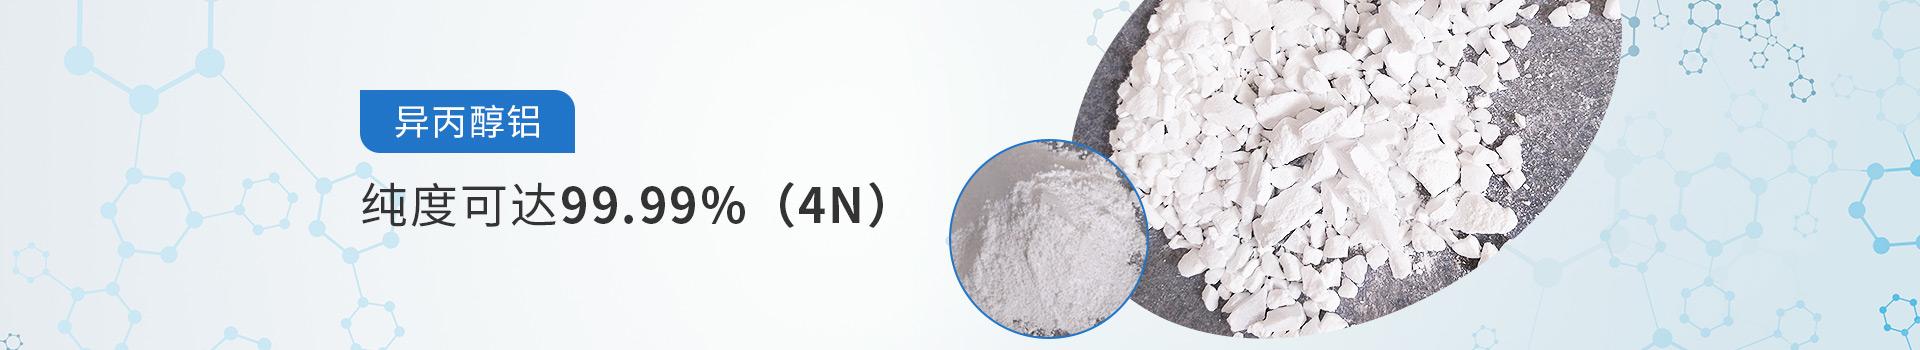 中天利异丙醇铝纯度可达99.99%